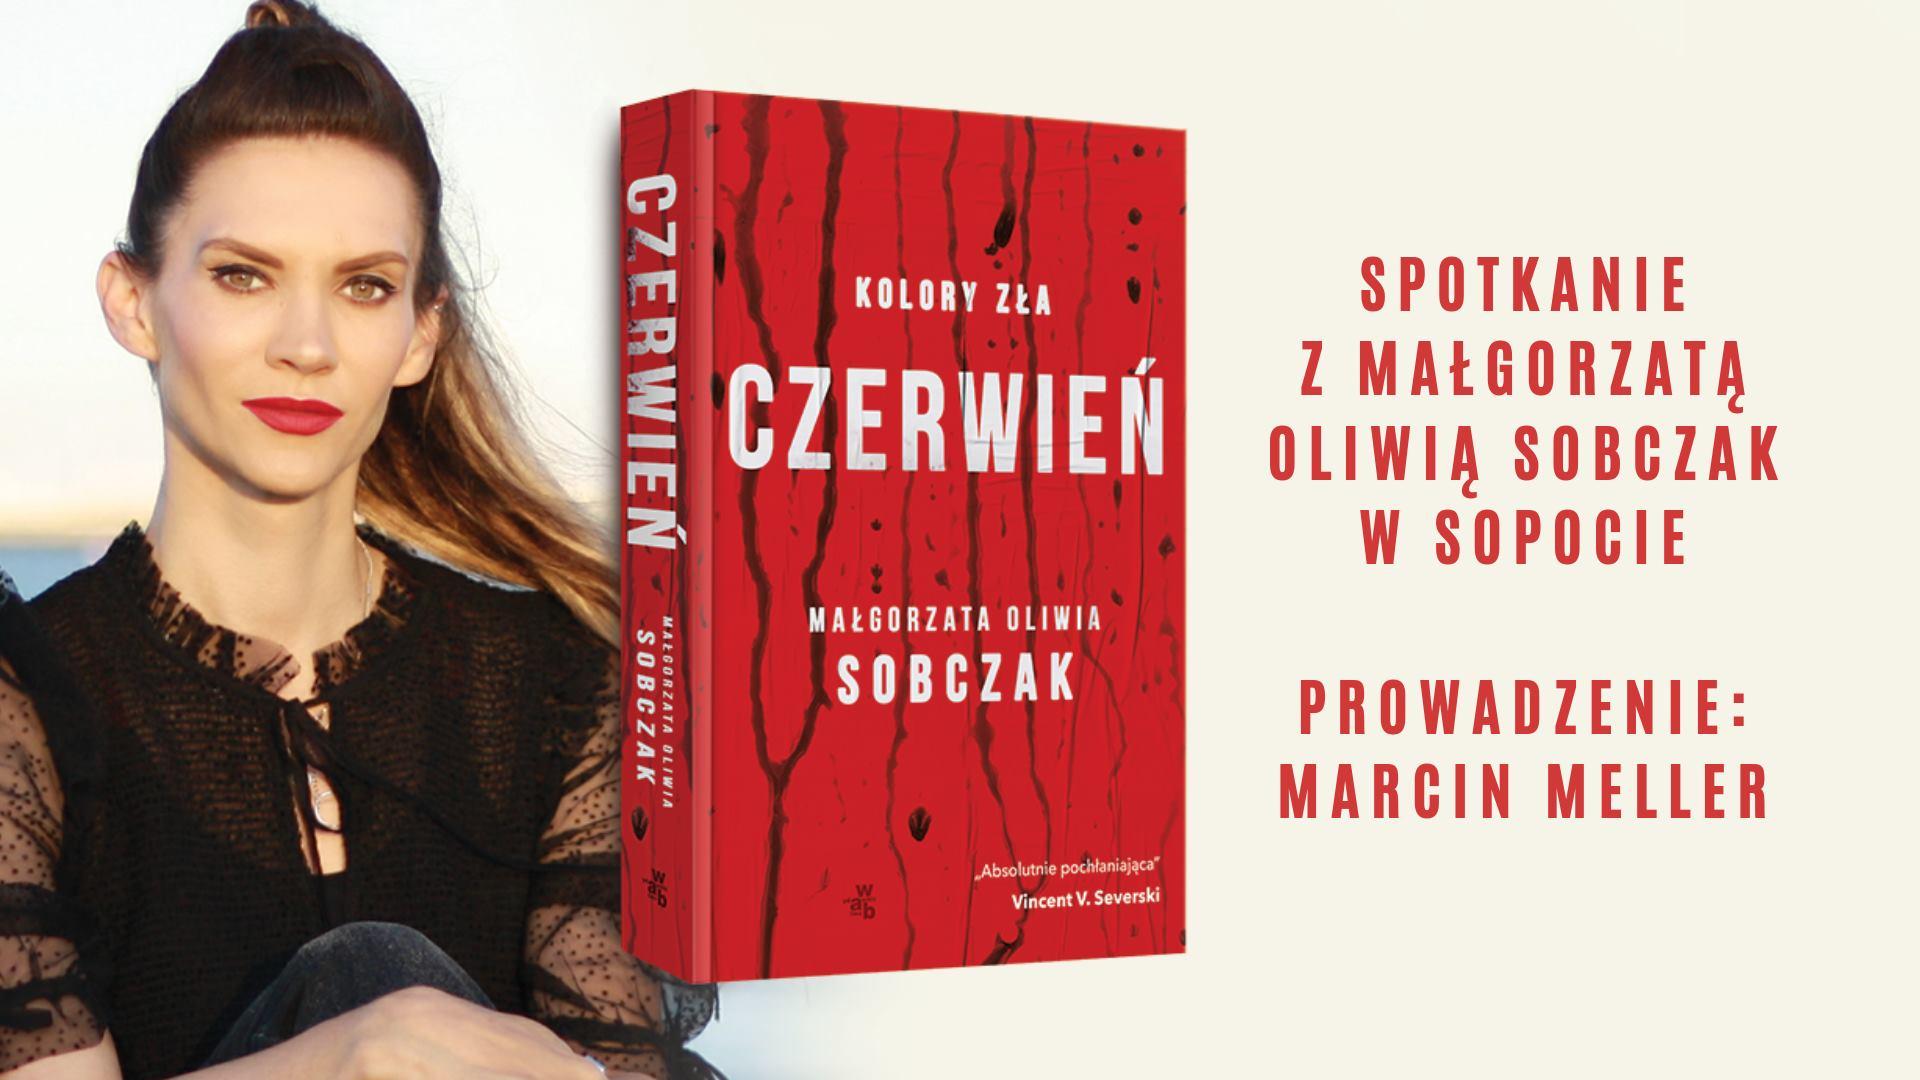 Małgorzata Oliwia Sobczak w Sopocie. Premiera książki Czerwień